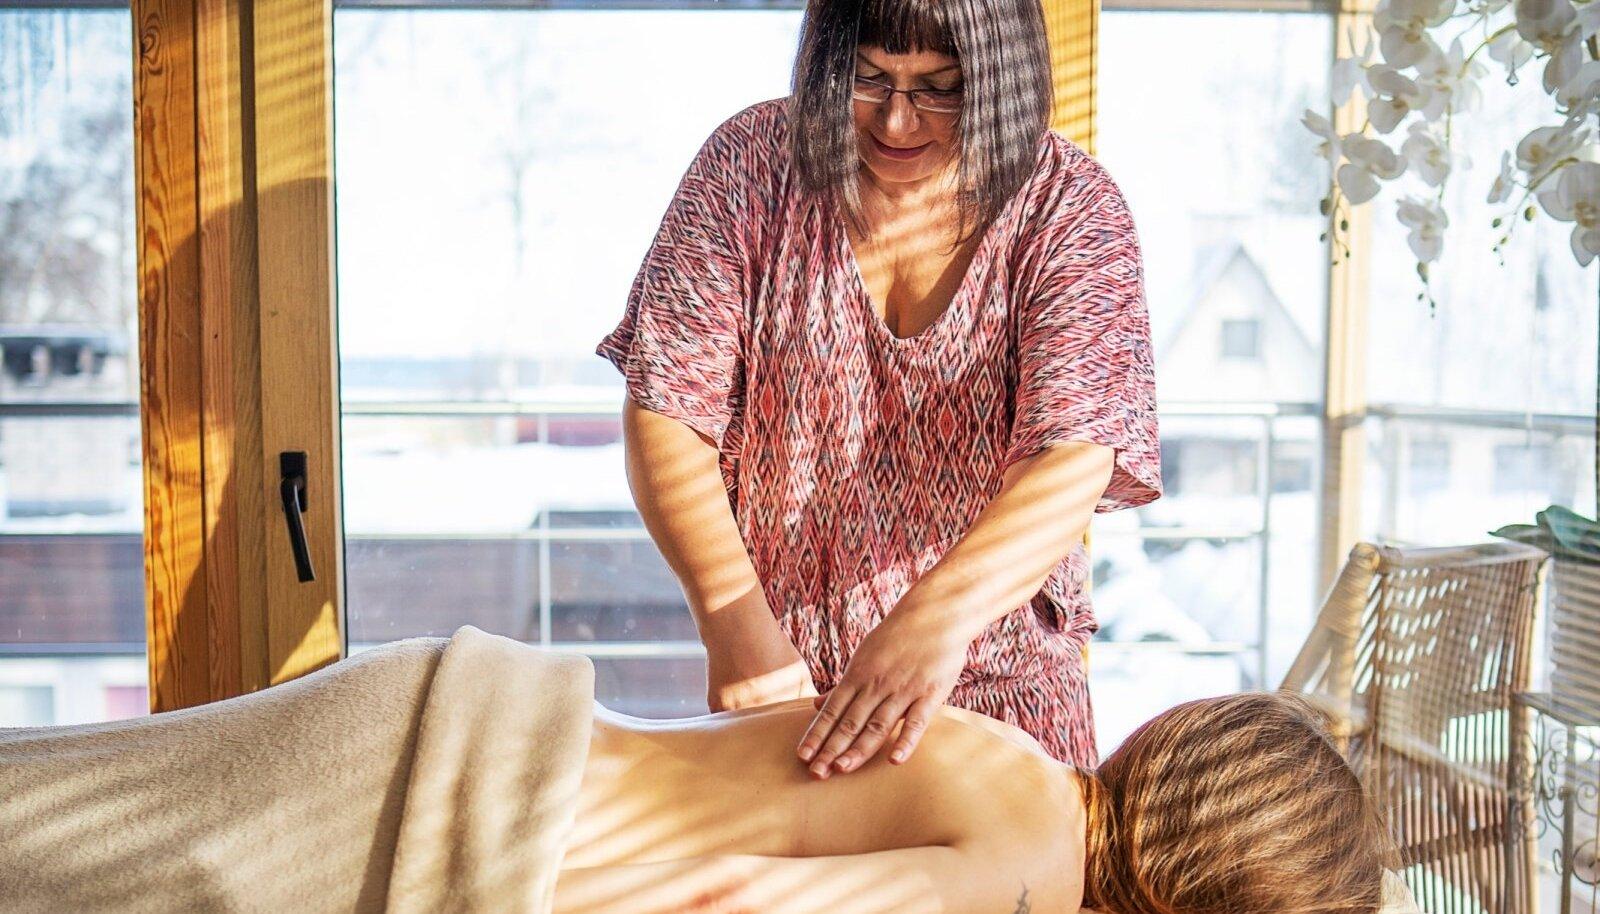 Terapeut Maivi Talvingu sõnul ei ole MER passiivne massaaž, vaid teadlik osalemine kehatöös, mille puhul tuleb olla valmis ka kergeteks valuaistinguteks.